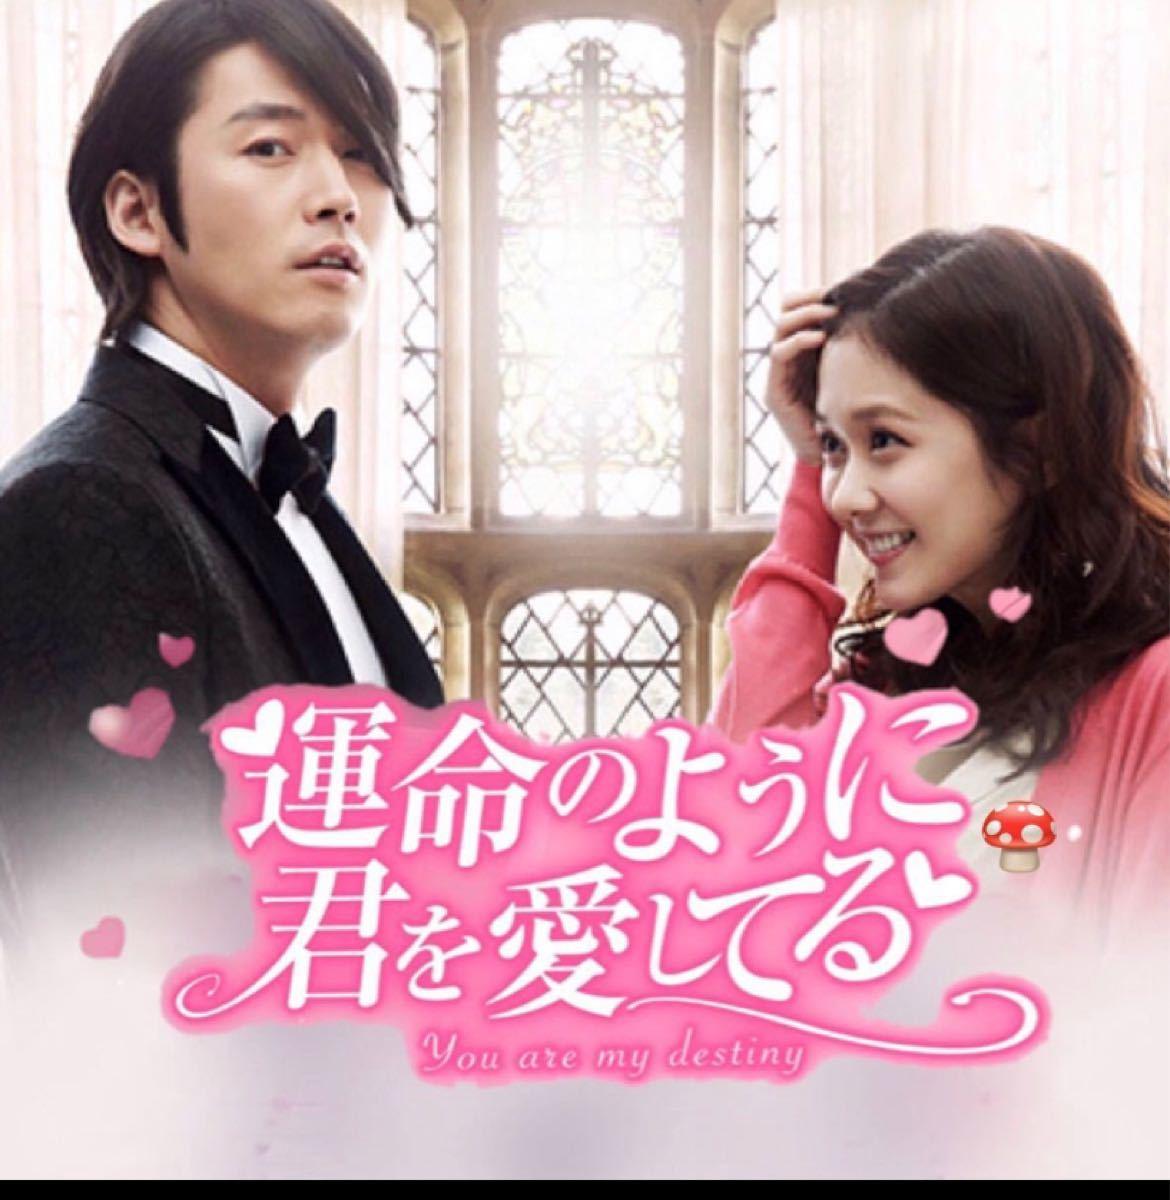 韓国ドラマ Blu-ray 運命のように君を愛してる チャンヒョク チャンナラ価格交渉不可